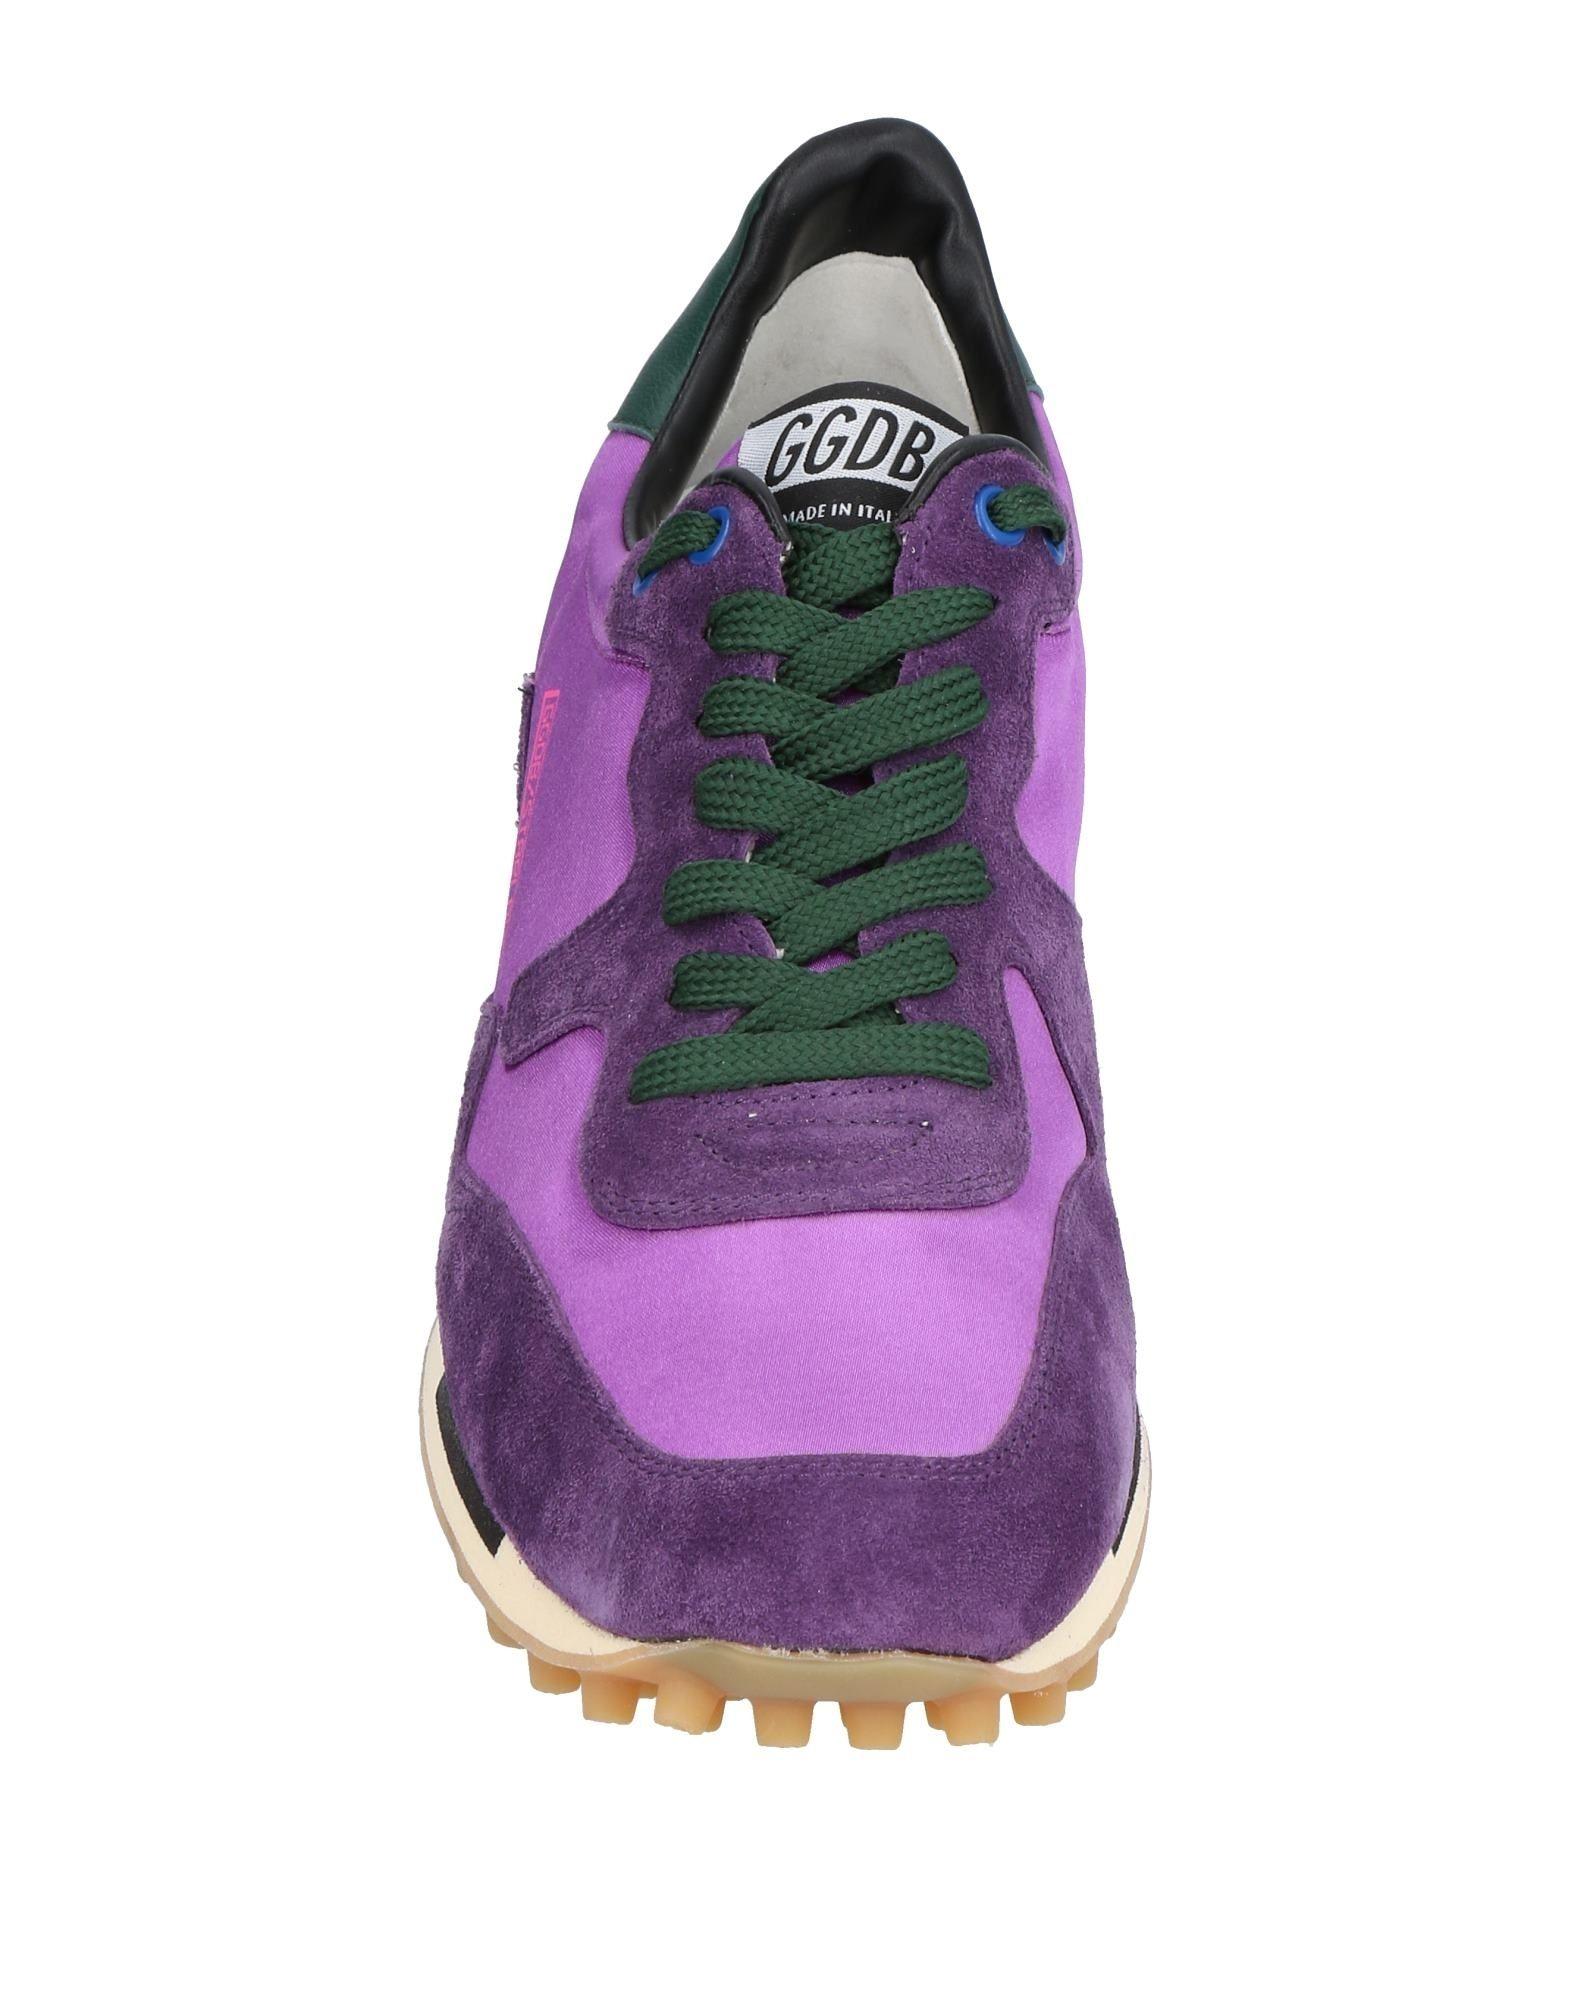 971849937e827 Latest Golden Goose Deluxe Brand Calzado Sneakers   Deportivas Morado